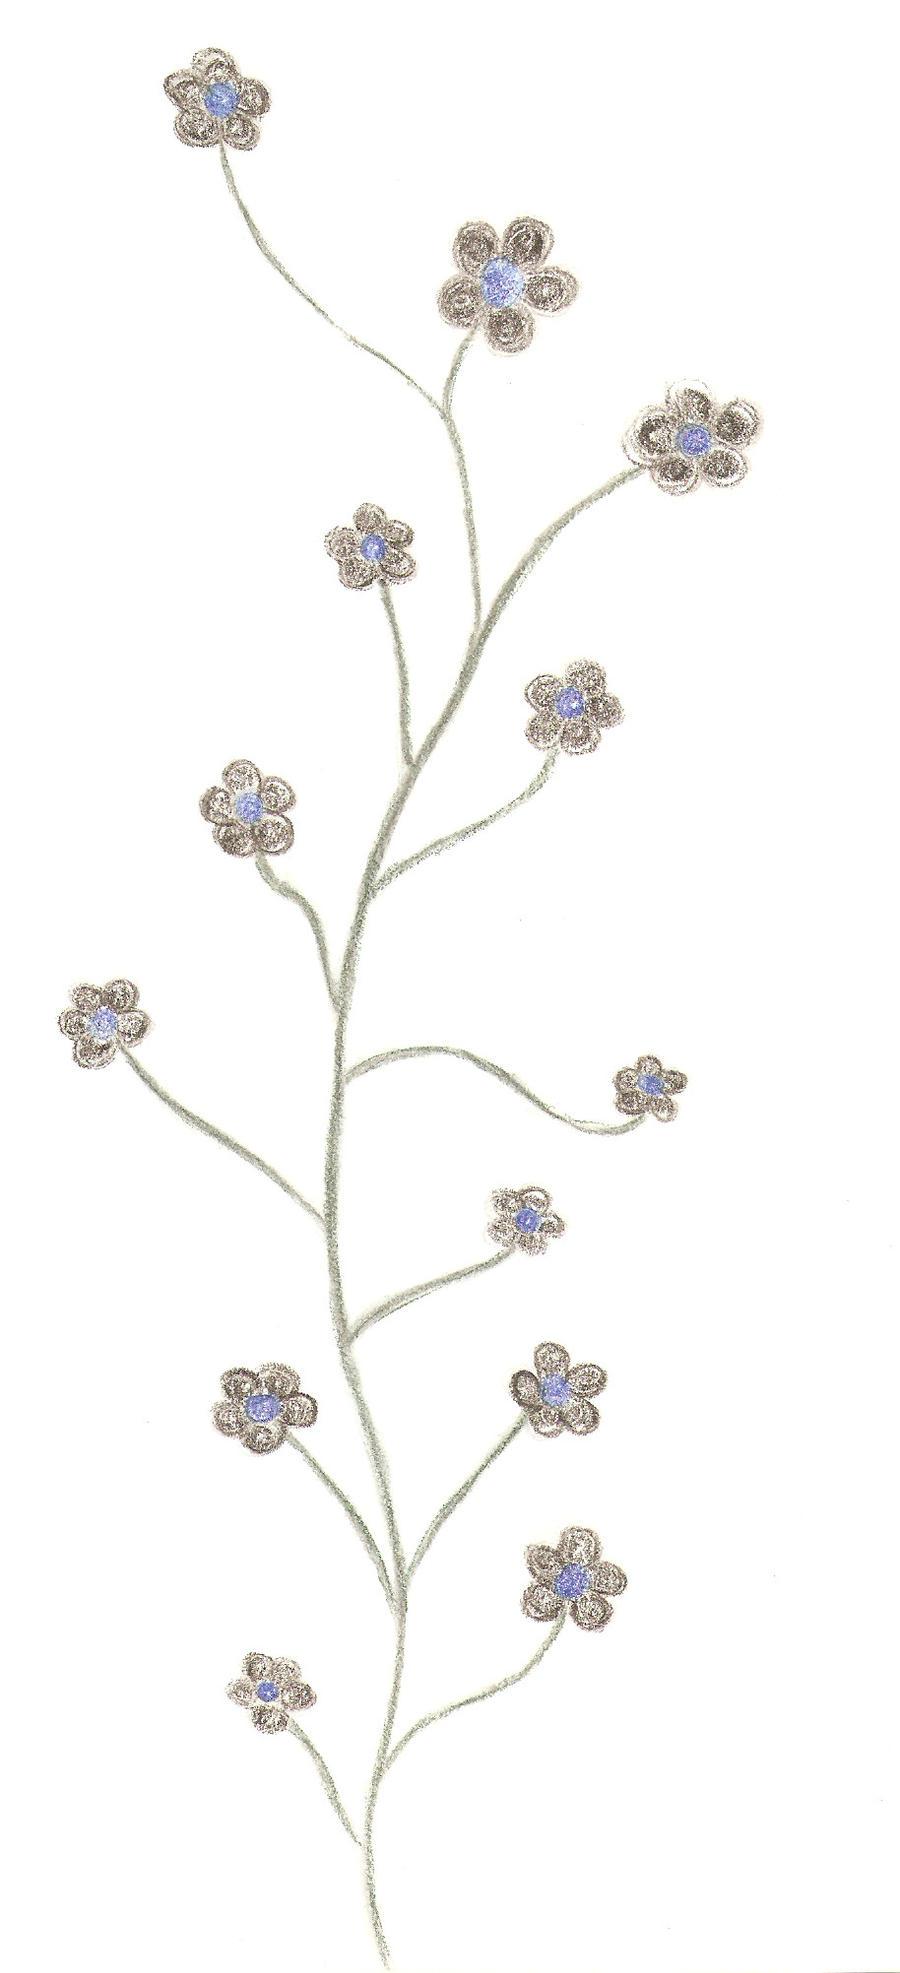 Flower Vine Line Drawing : Flower vine by xxechoxx on deviantart